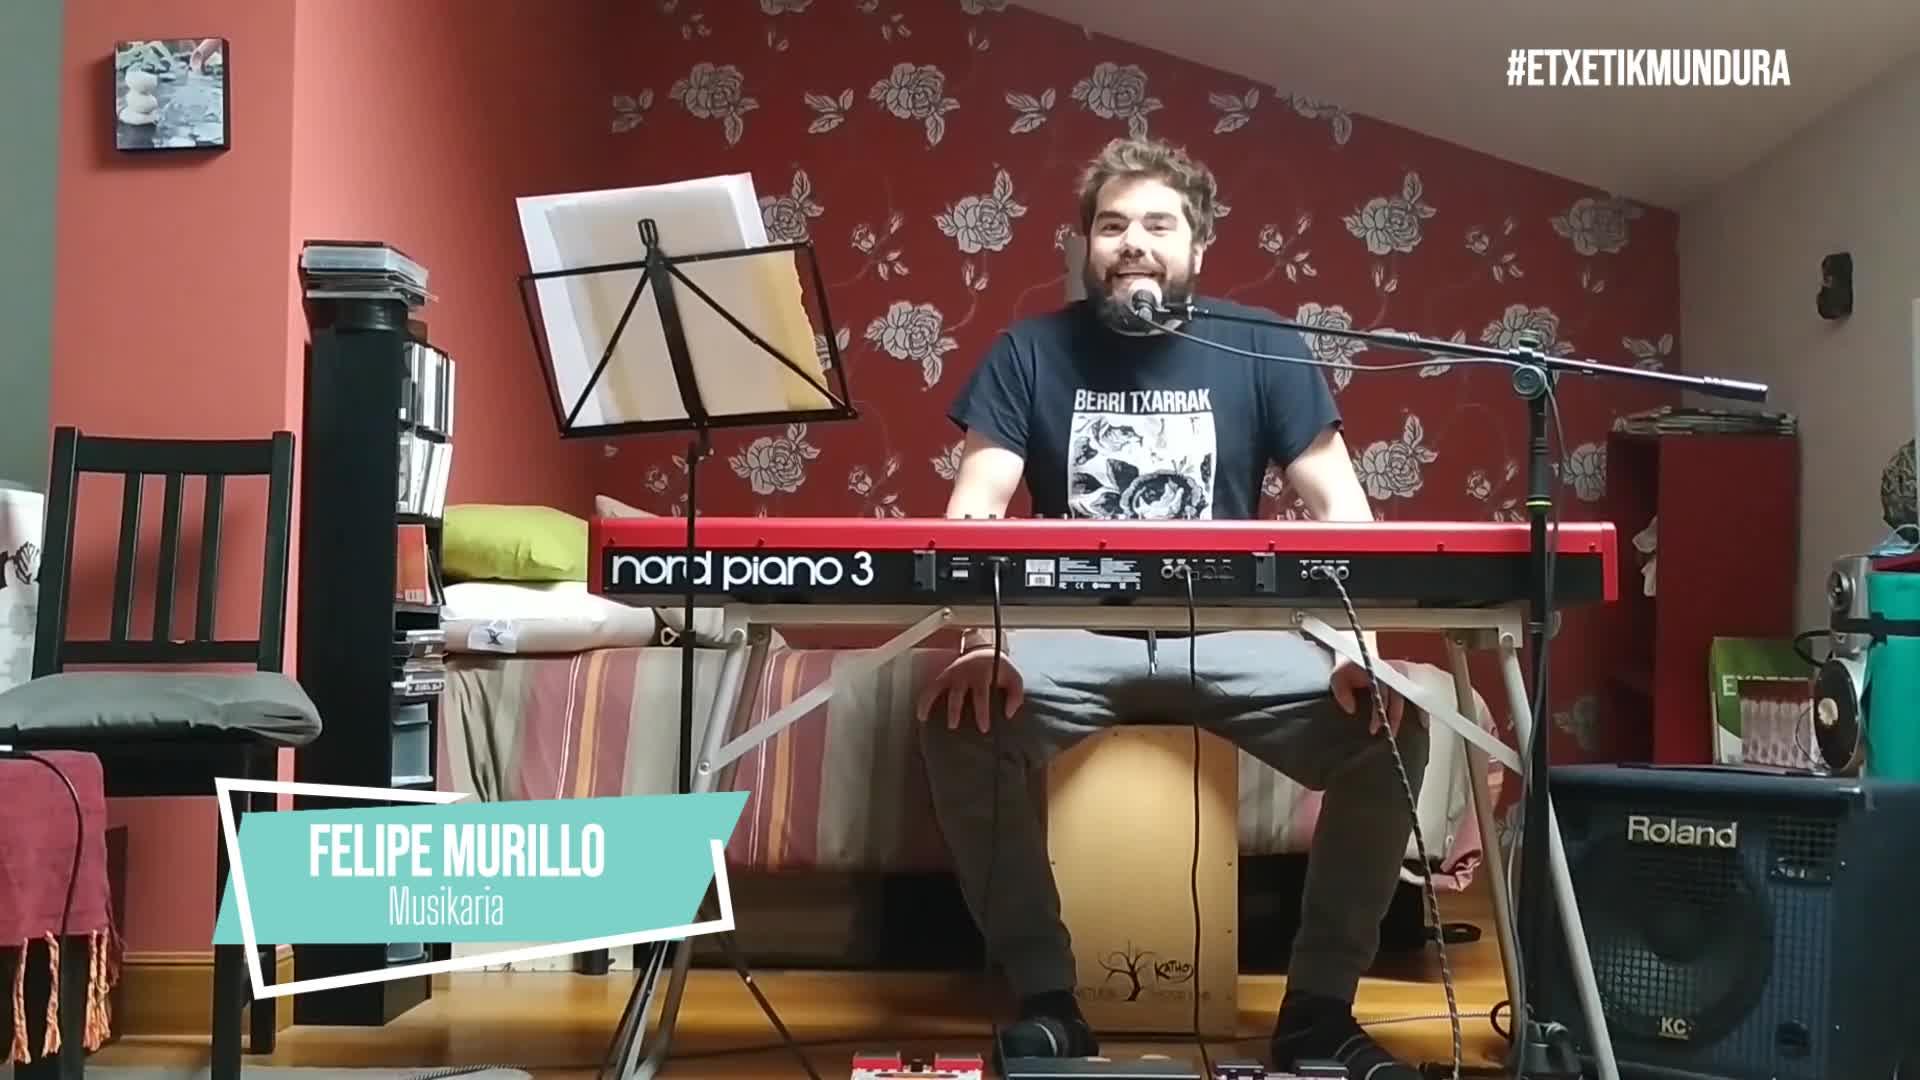 Felipe Murillo musikaria, etxetik mundura